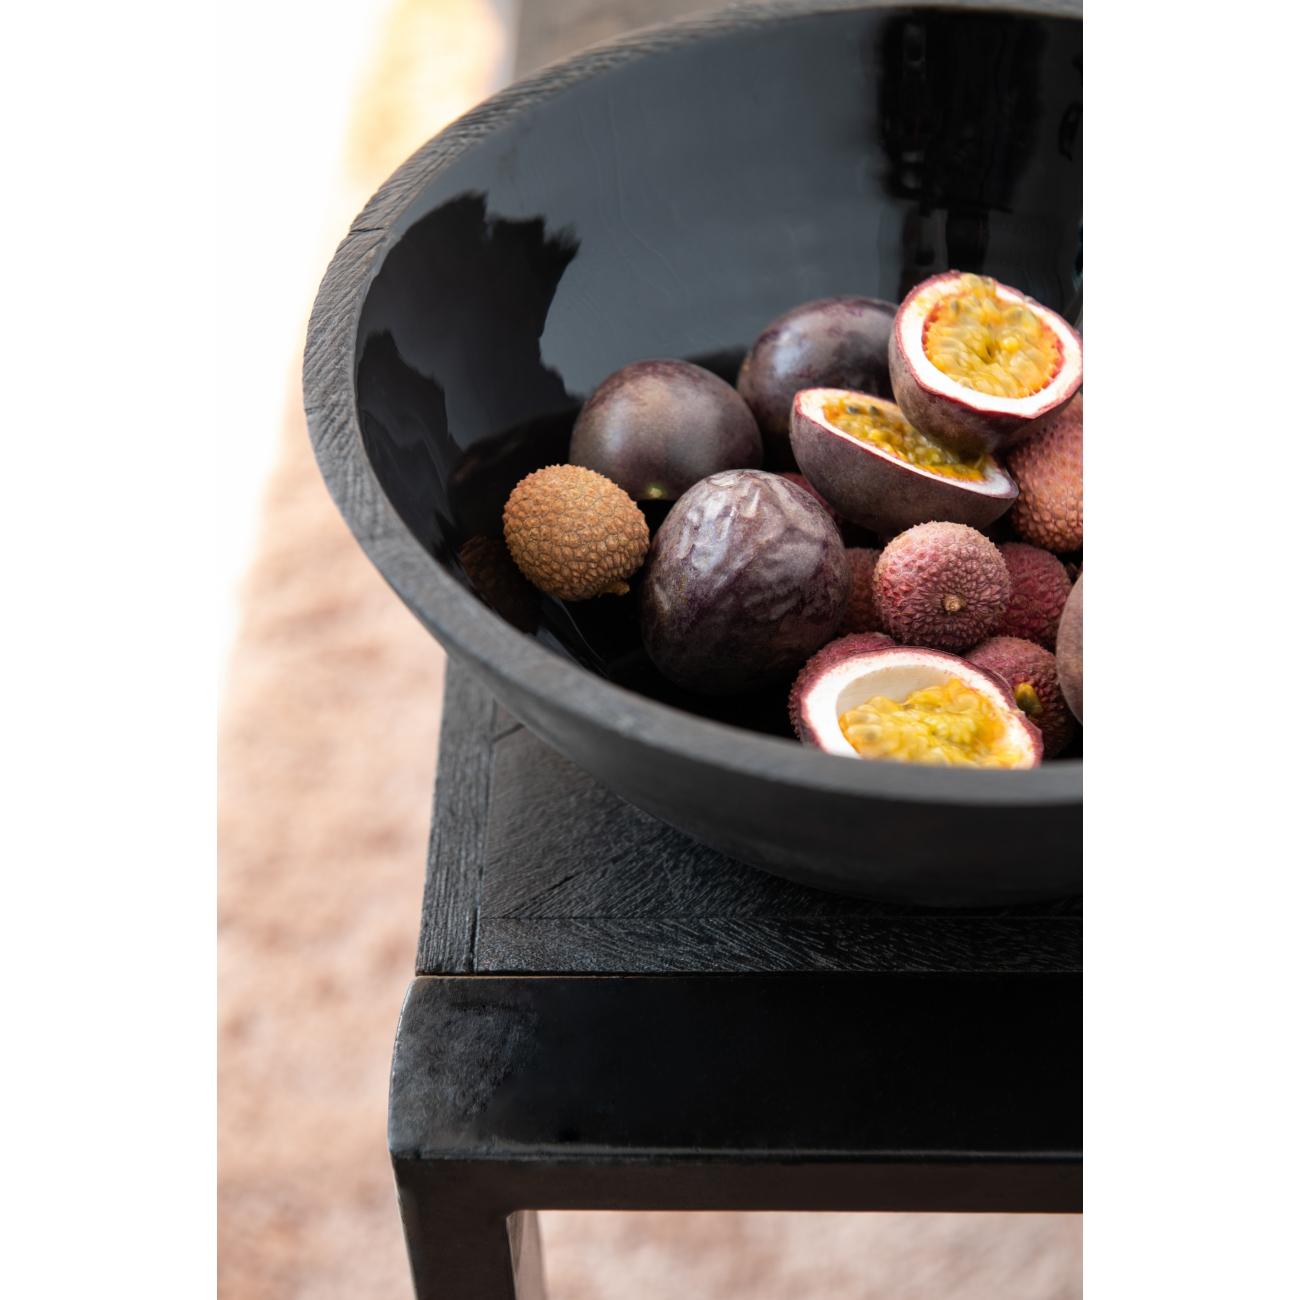 Блюдо салатник J-LINE из дерева манго черного цвета диаметр 30 см Бельгия